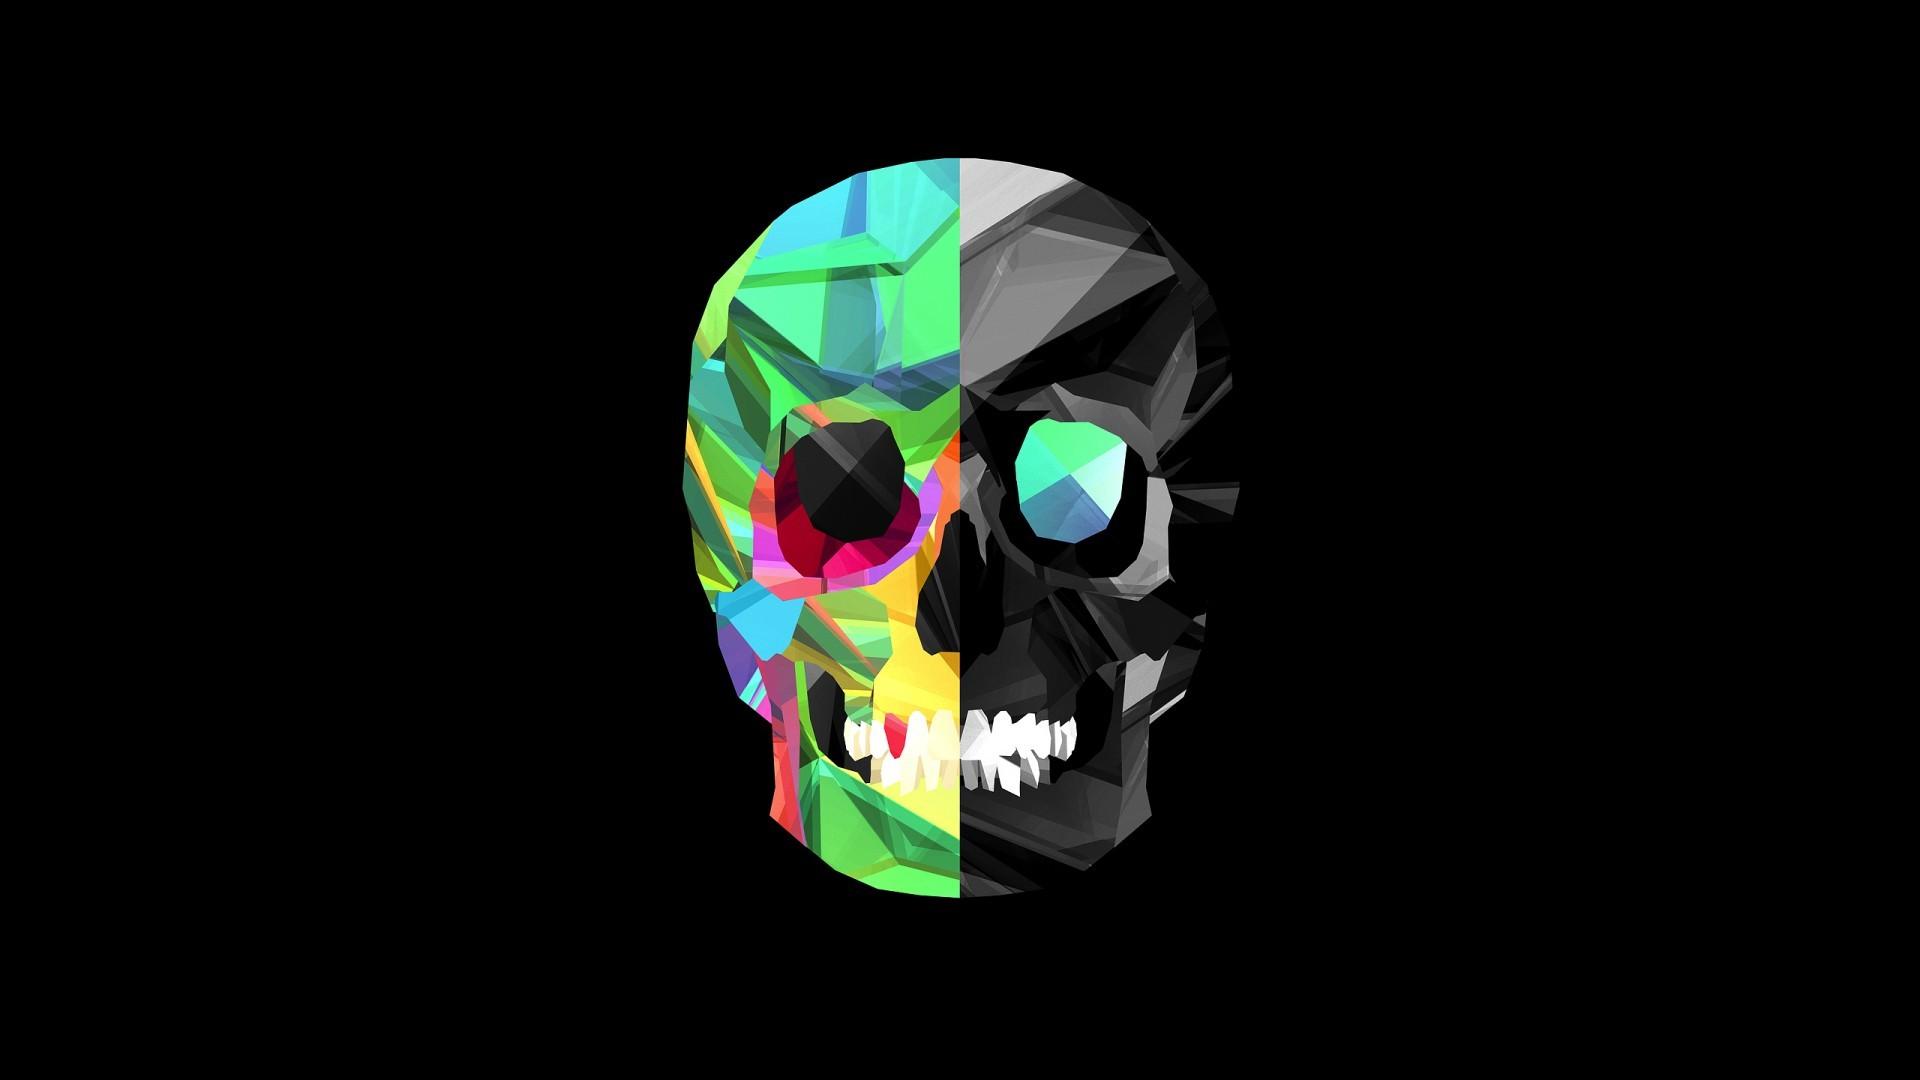 … dark skull wallpaper 3d and abstract wallpaper better …